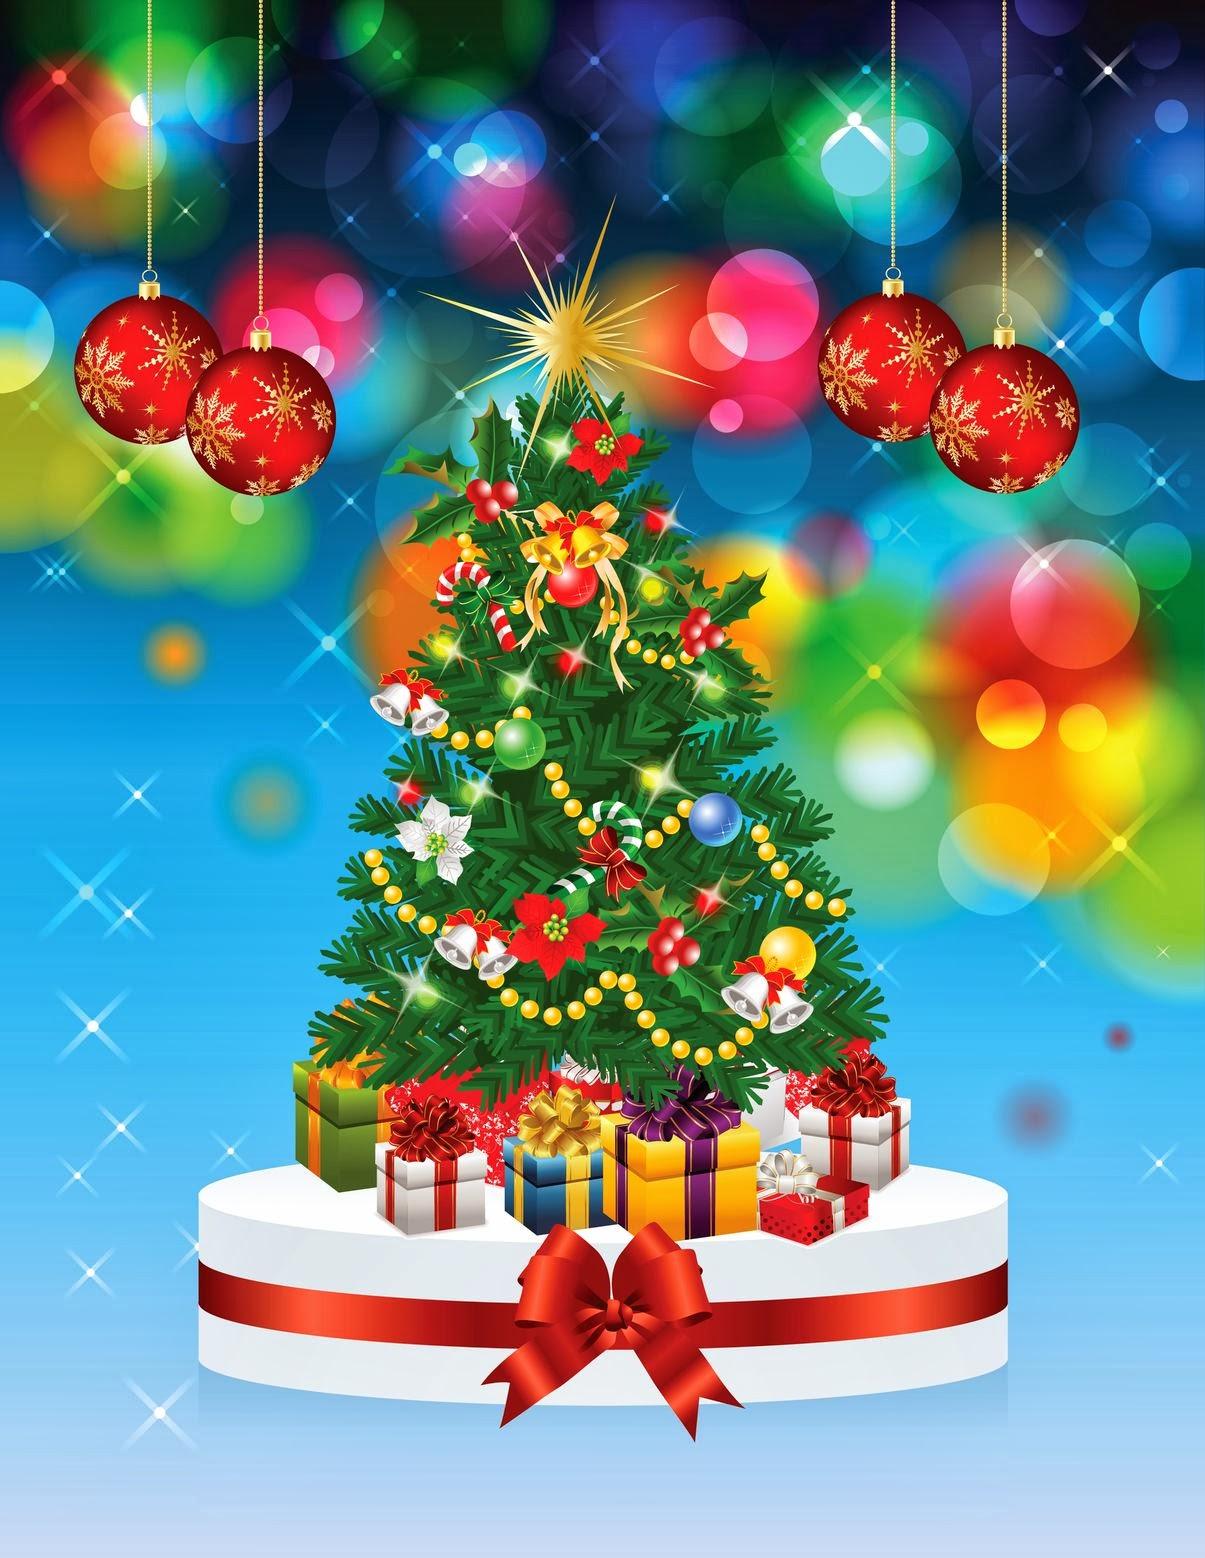 Banco de im genes 20 arbolitos de navidad con adornos - Arbolito de navidad ...